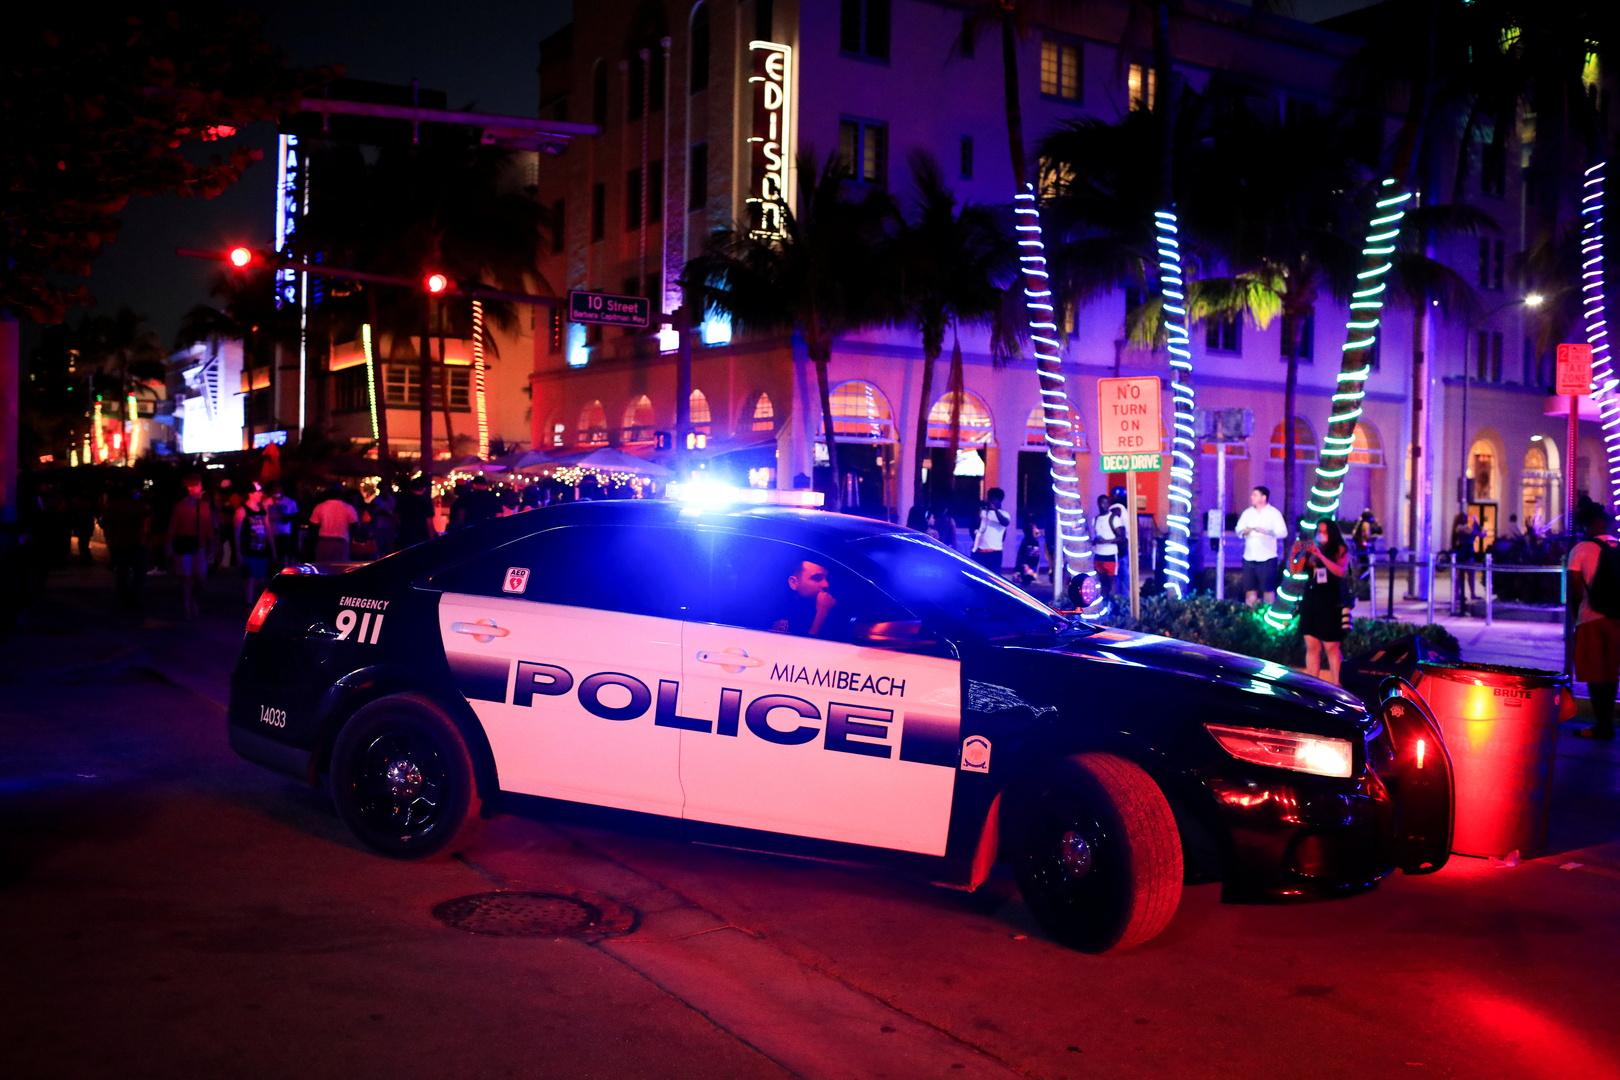 سيارة تابعة للشرطة الأمريكية